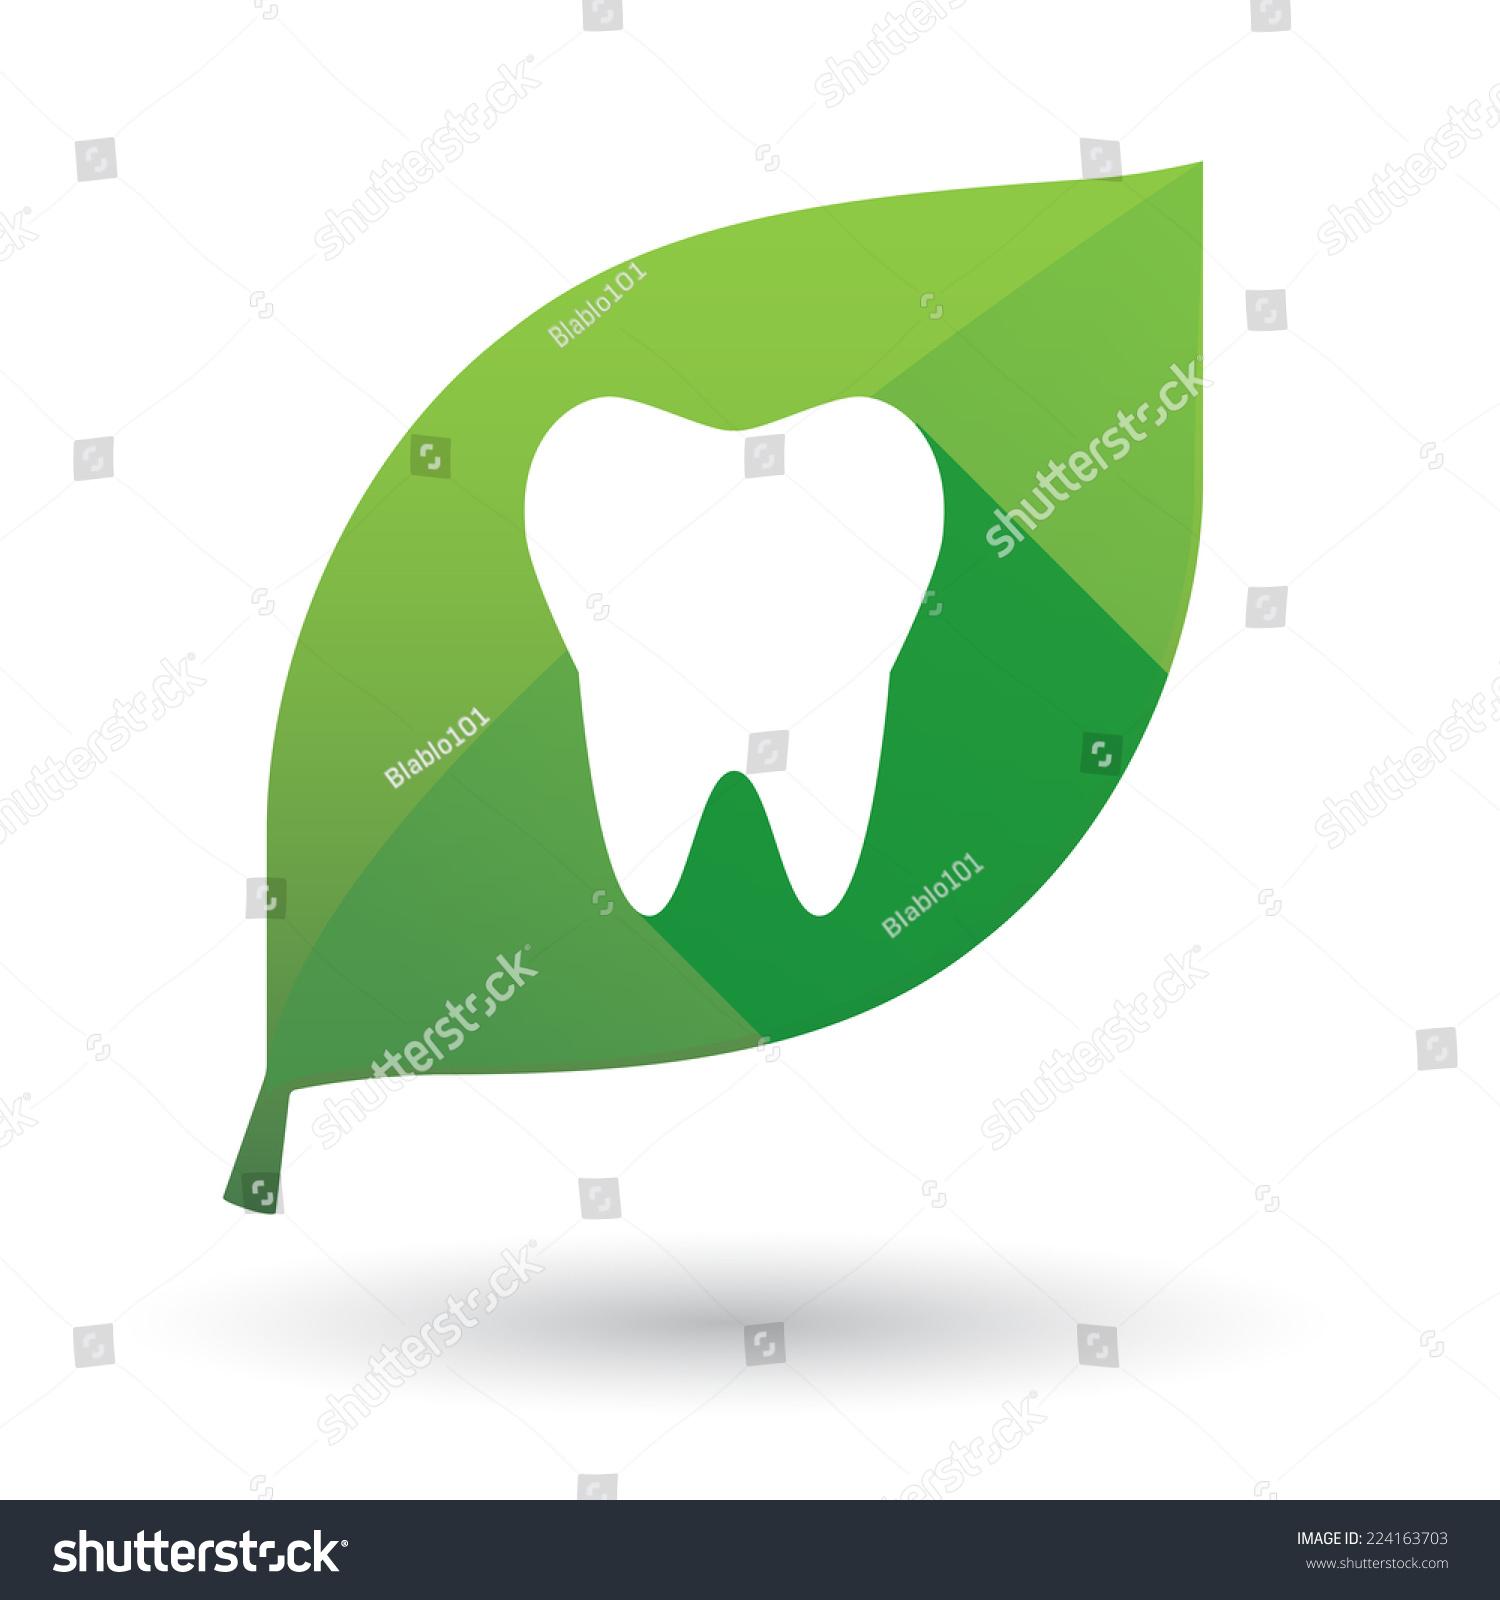 一个孤立的叶子图标的牙齿-自然,符号/标志-海洛创意